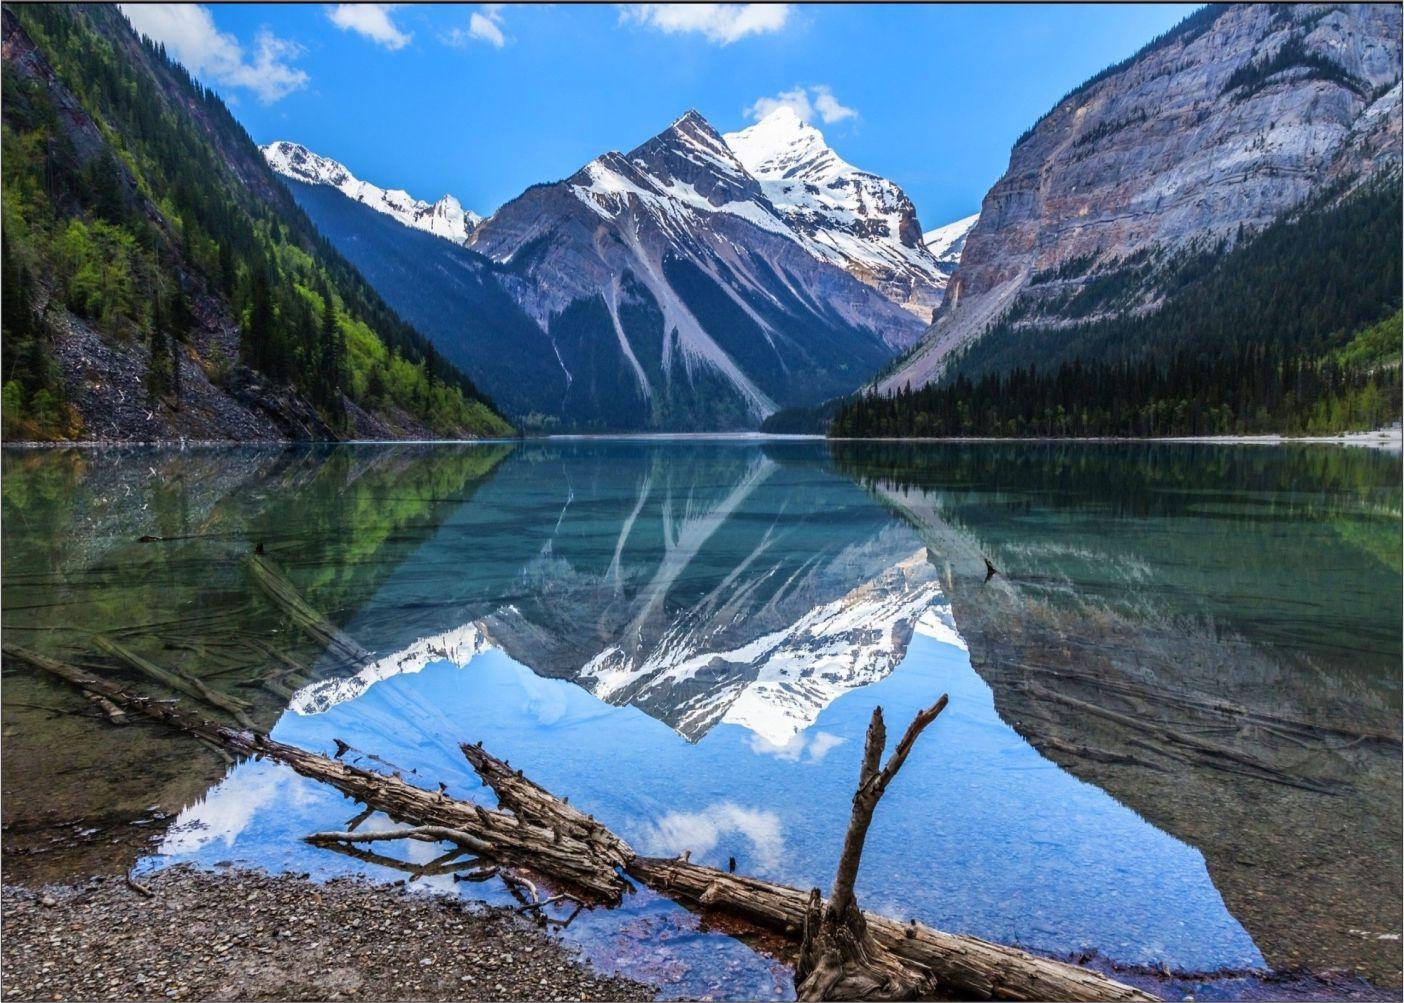 Papel de Parede Paisagens Montanhas 0020 - Adesivo de Parede   - Paredes Decoradas